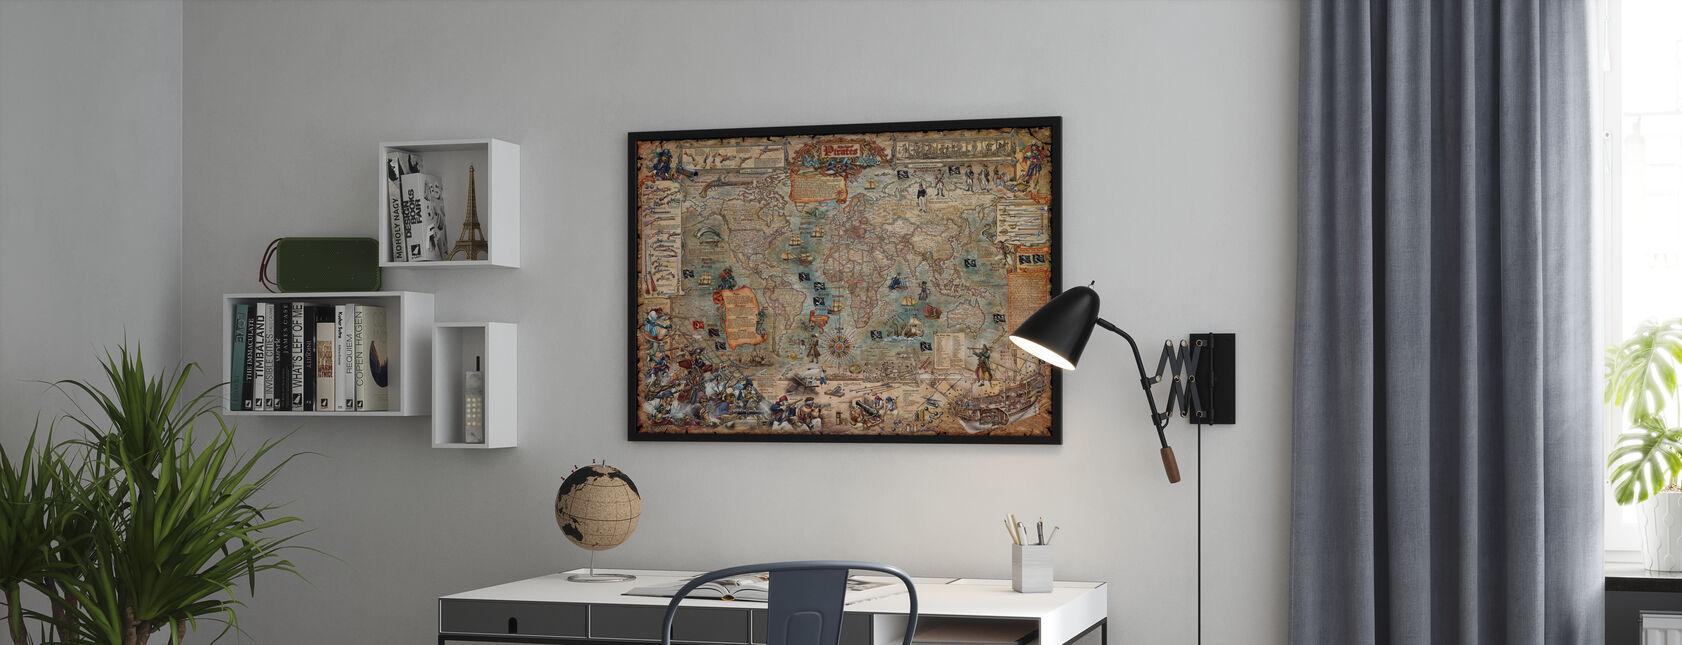 Pirate Kartta - Kehystetty kuva - Toimisto